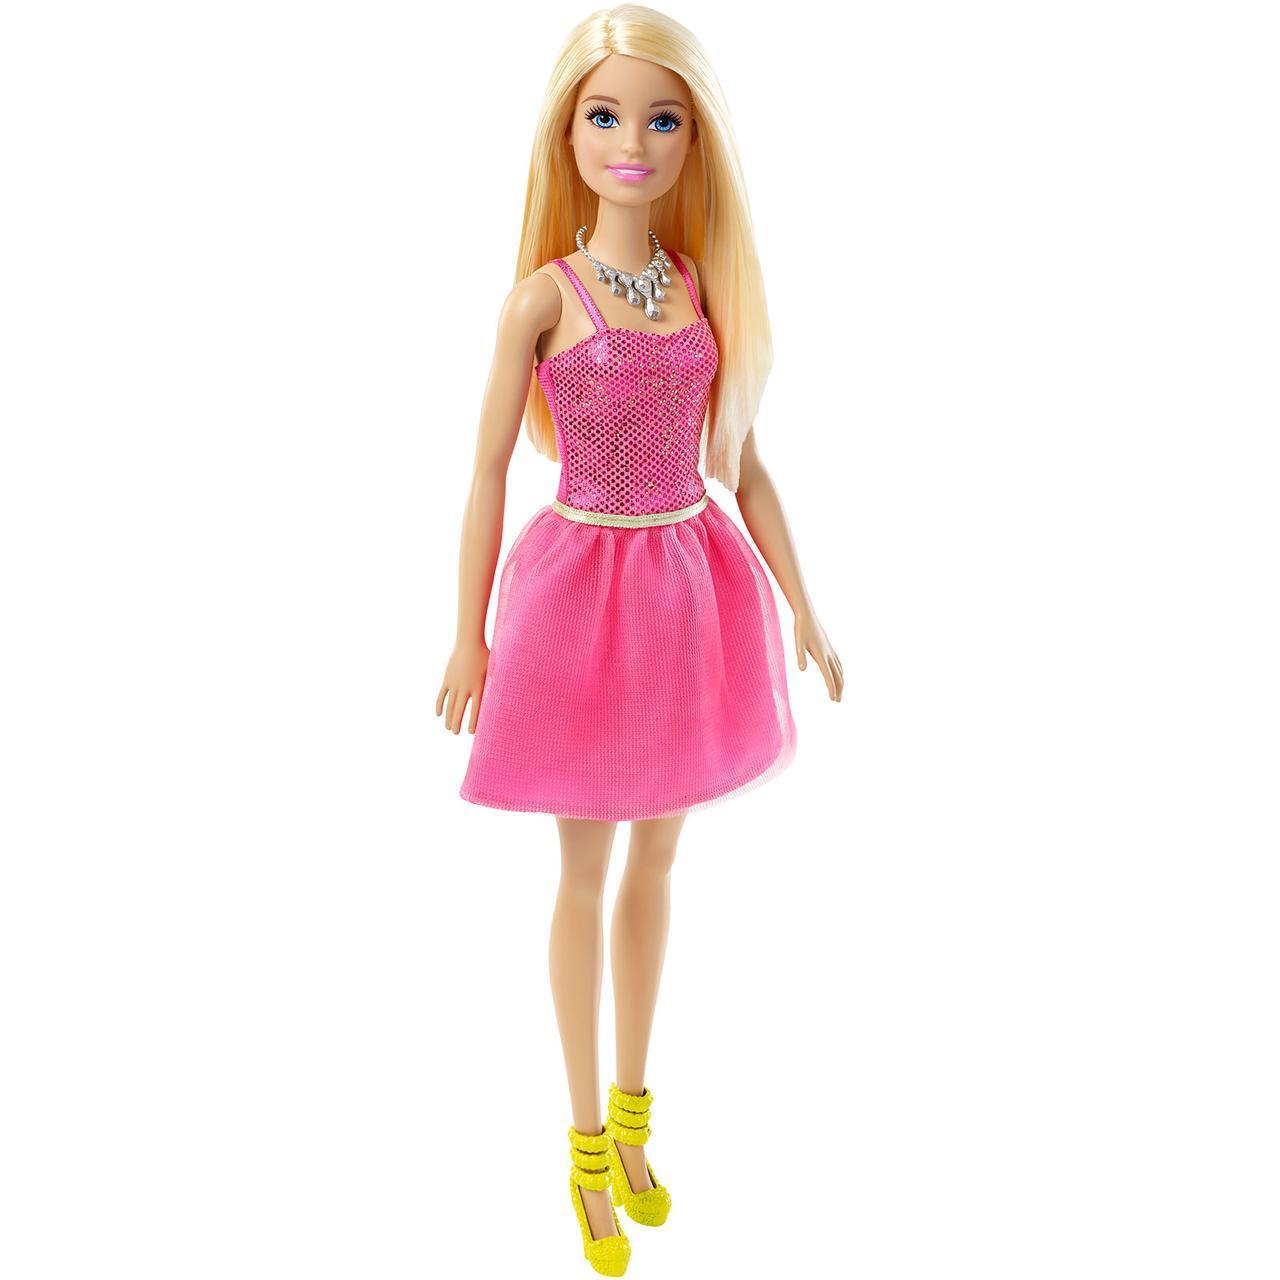 """Barbie """"Сияние моды"""" Кукла Барби - Блондинка в розовом платье"""